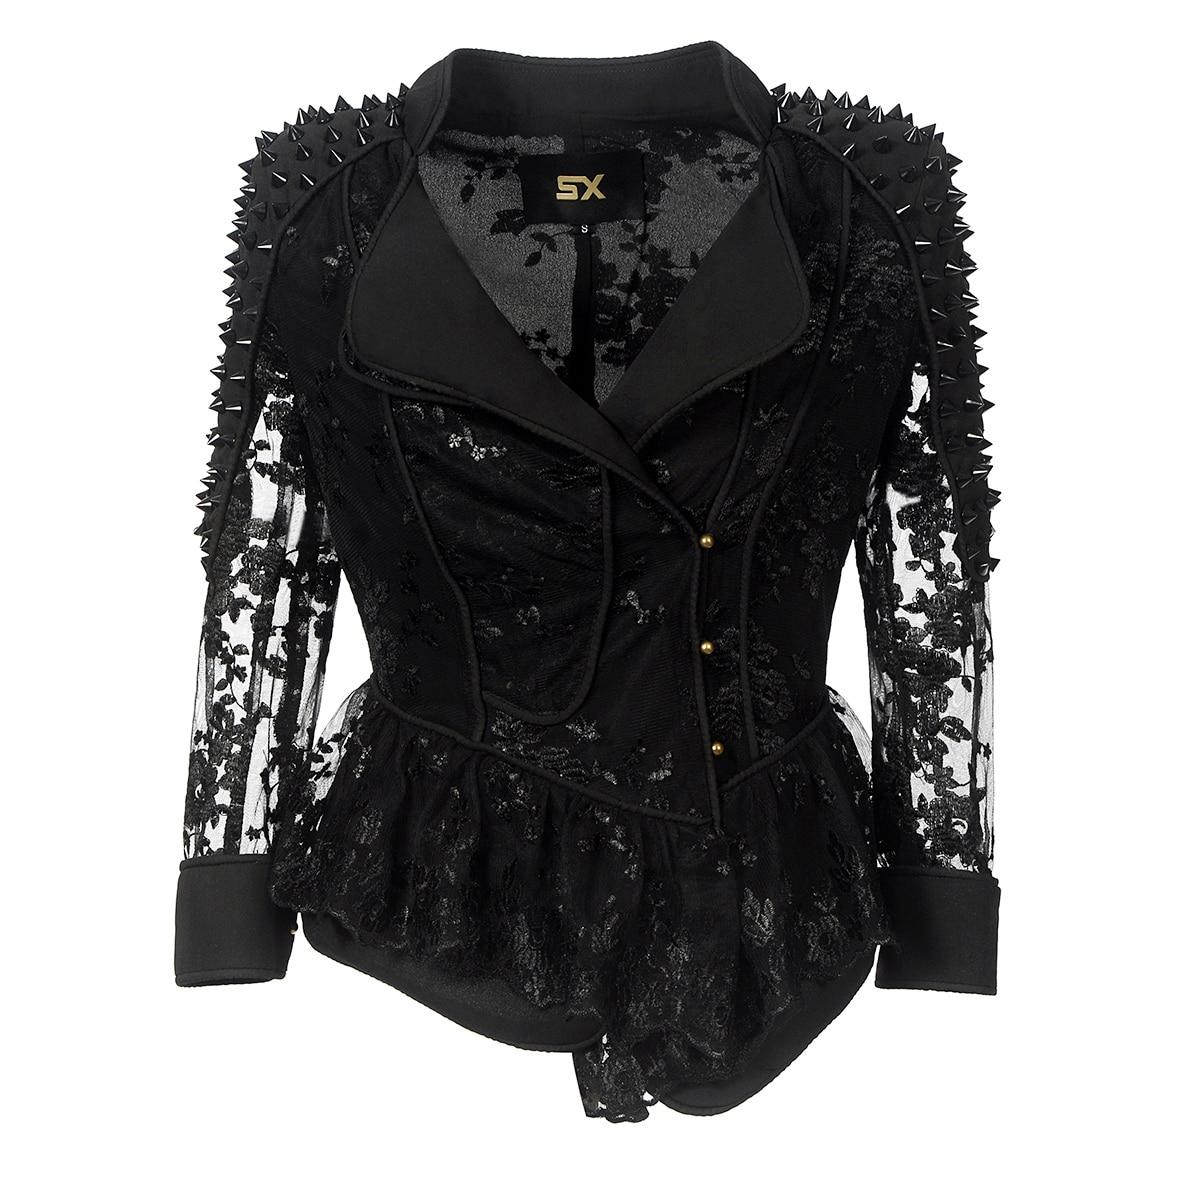 Automne dentelle MANTEAU Mode Noir Gothique punk Femmes Veste Lâche Floral Broderie Filles Vintage Manteaux Mignon Femelle Vestes 2018